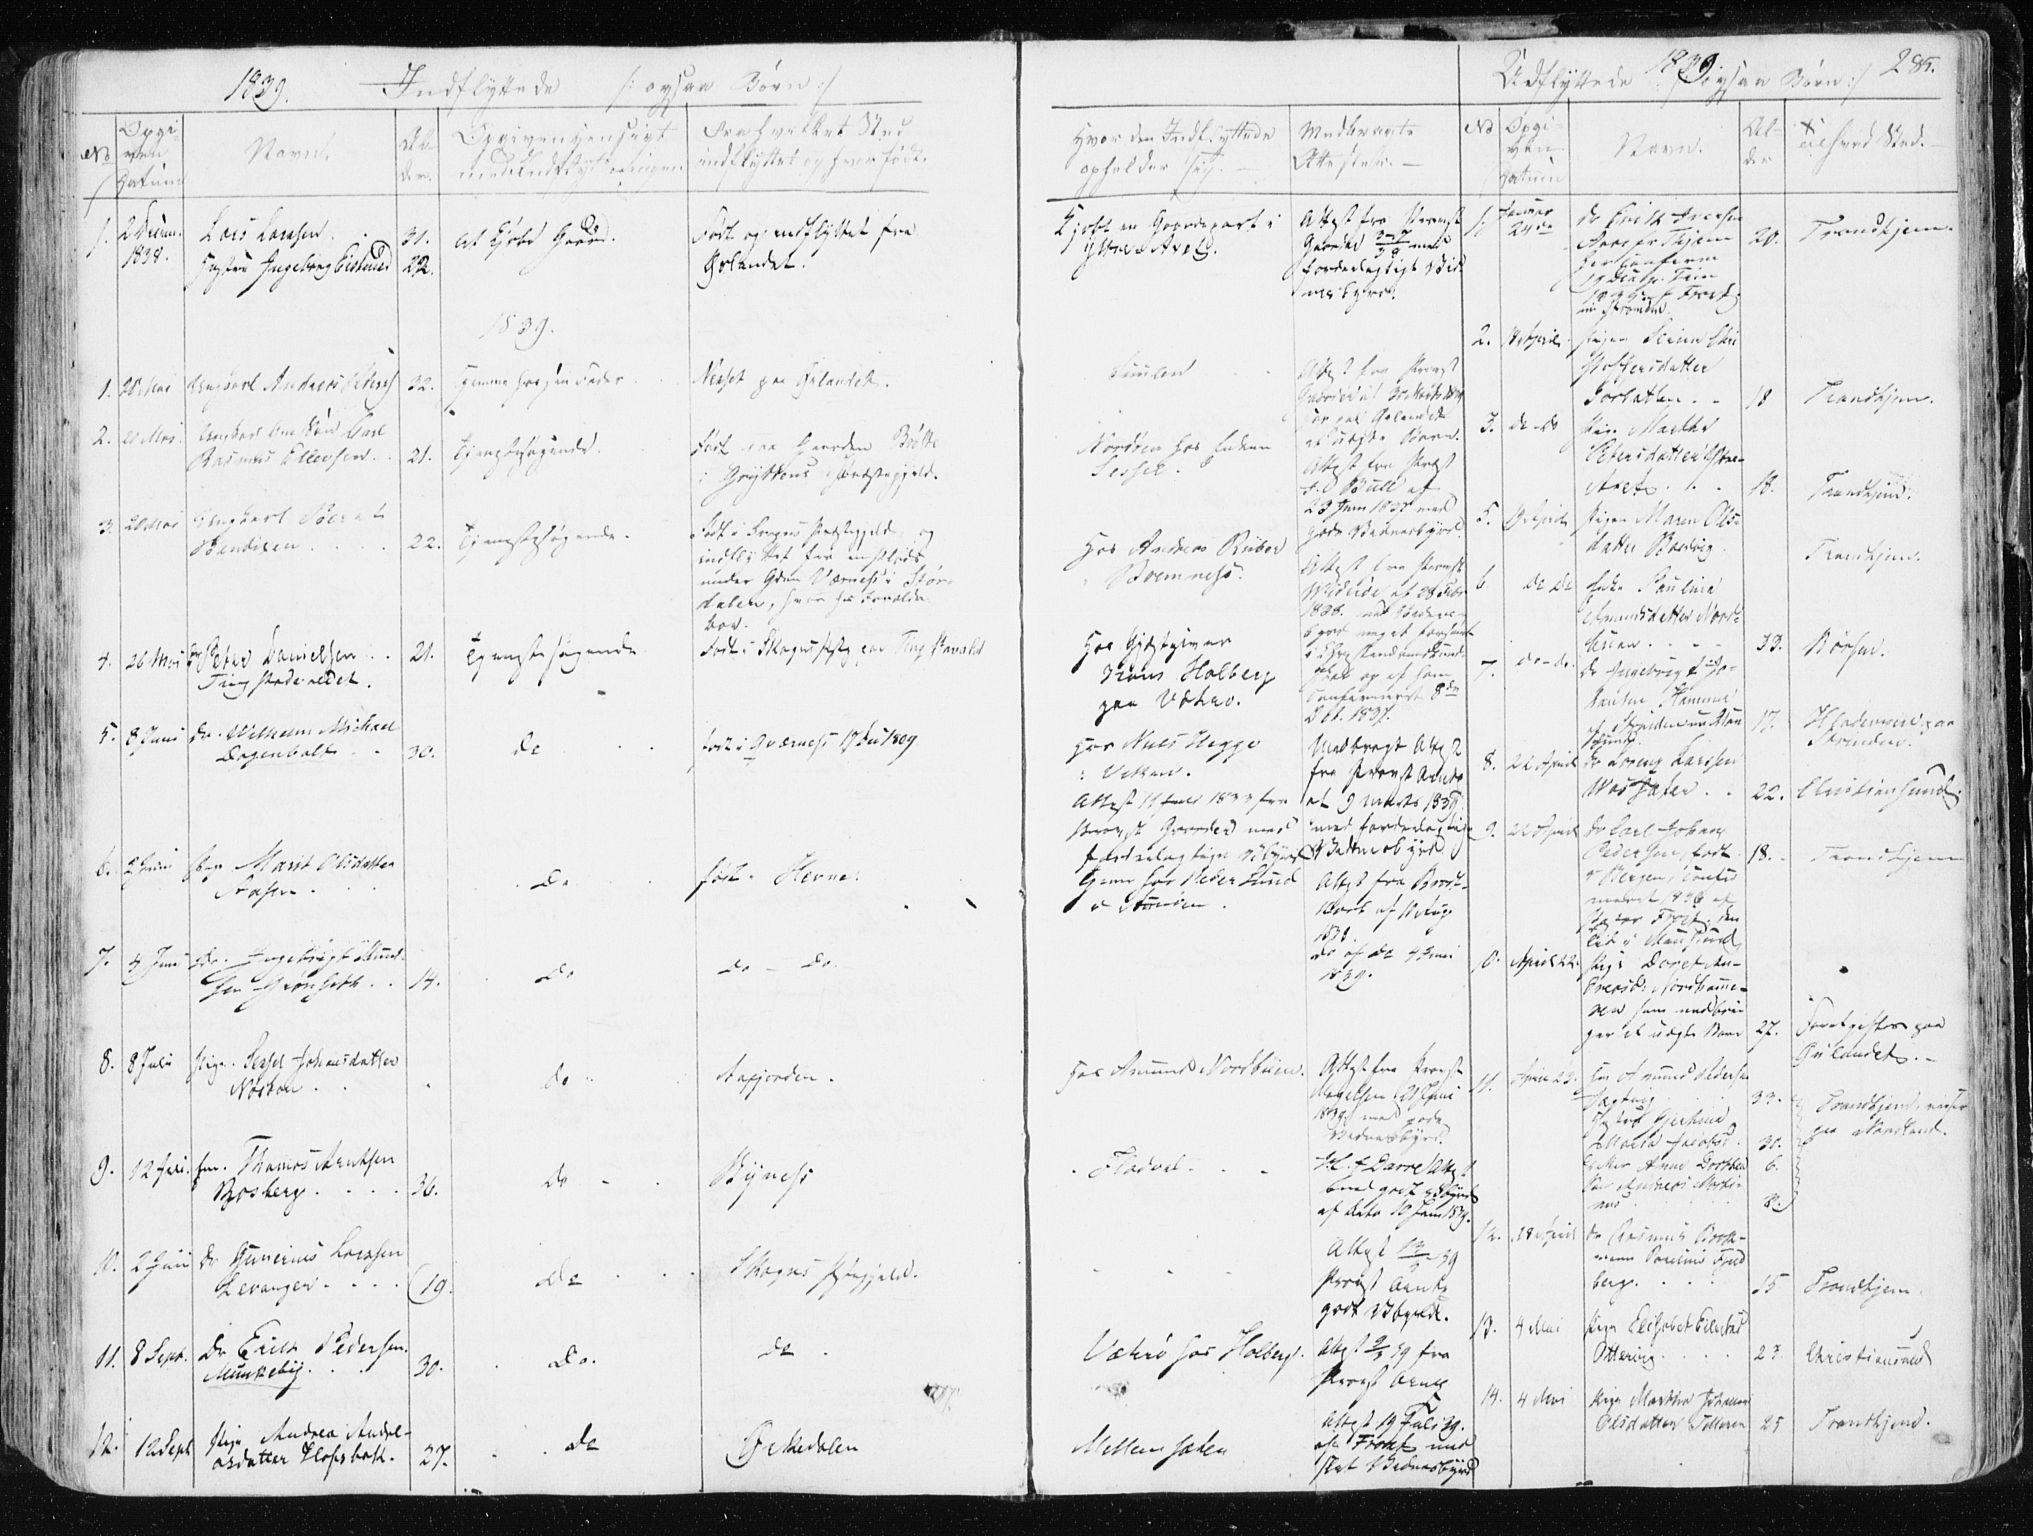 SAT, Ministerialprotokoller, klokkerbøker og fødselsregistre - Sør-Trøndelag, 634/L0528: Ministerialbok nr. 634A04, 1827-1842, s. 285